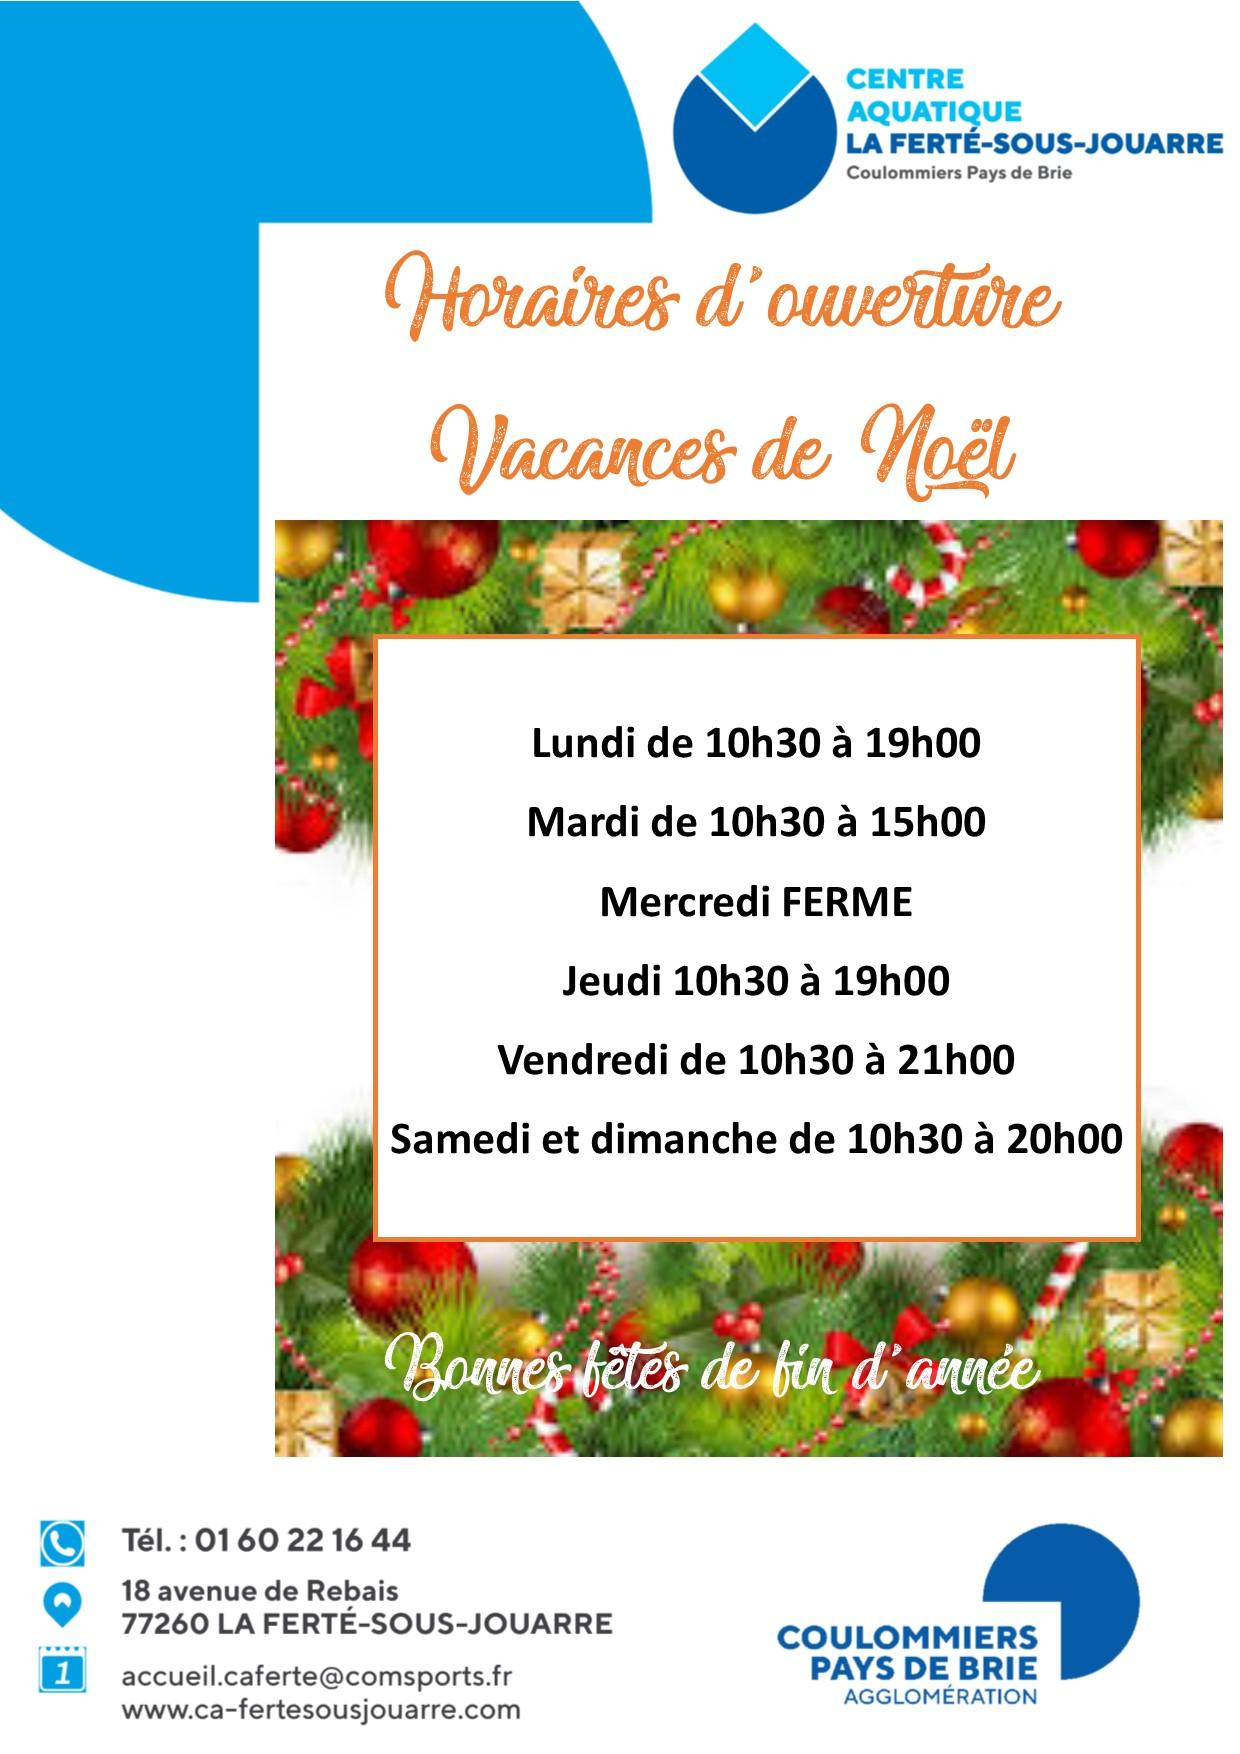 Piscine | Centre Aquatique La Ferté-Sous-Jouarre | France intérieur Piscine Coulommiers Horaires